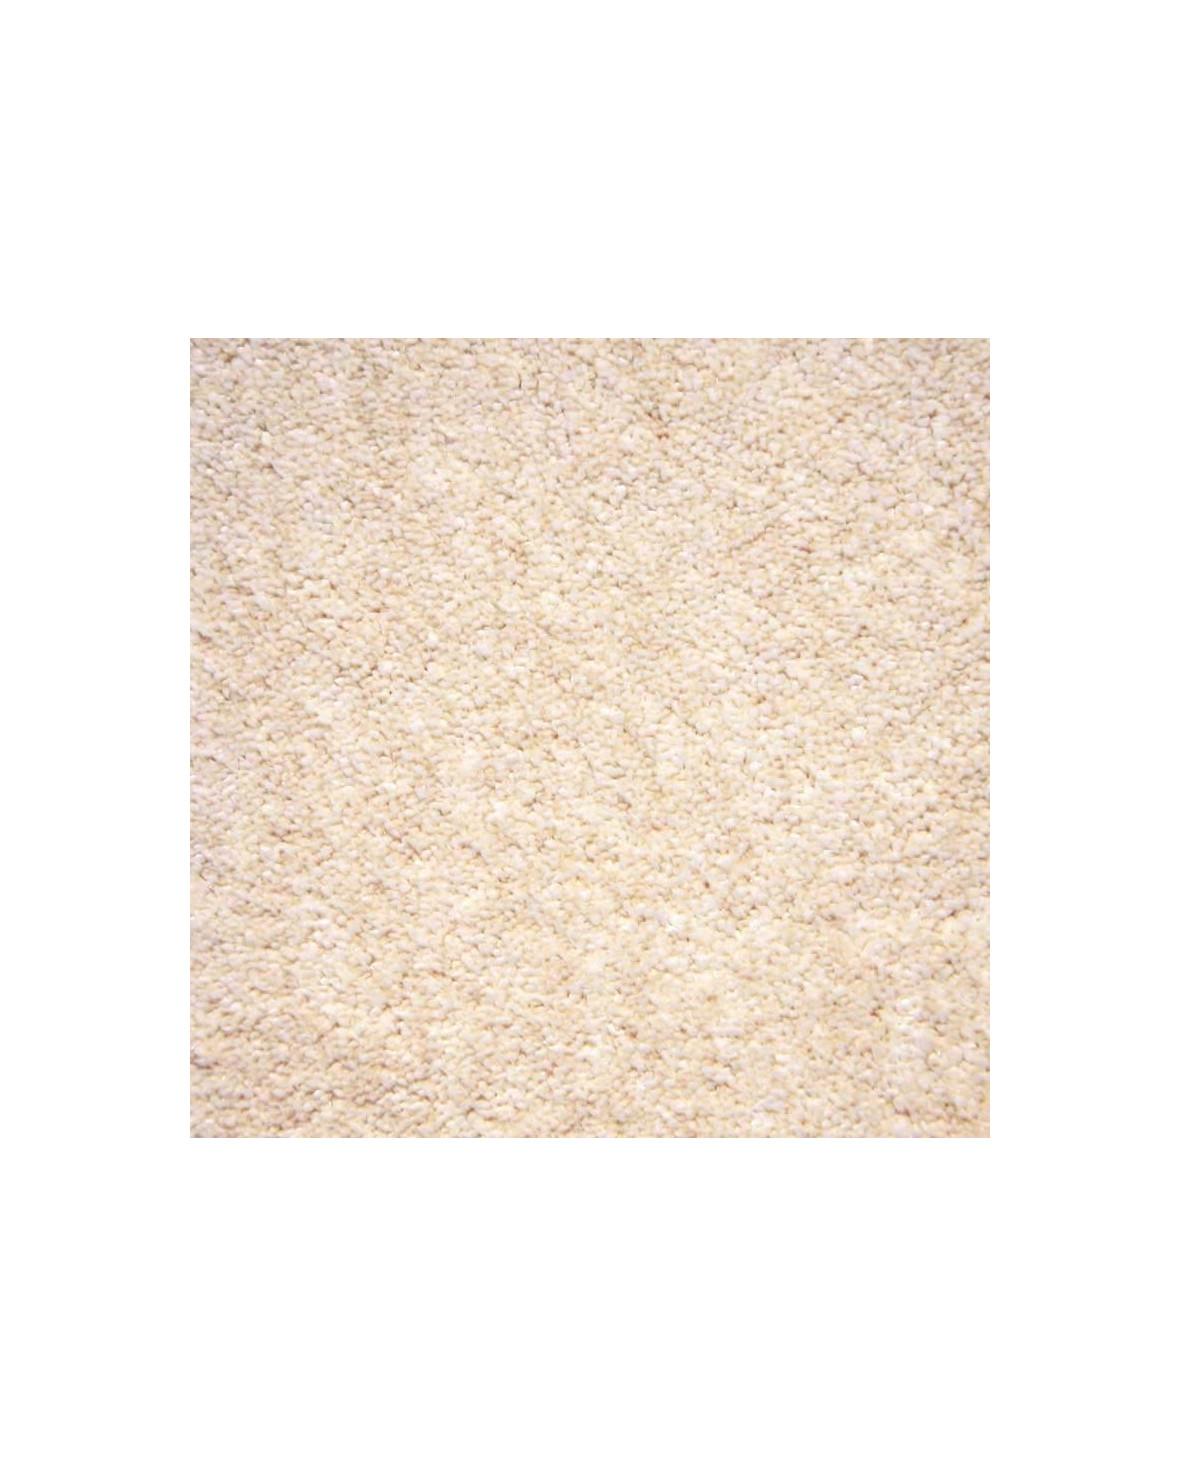 Glam velour sand 171 heltäckningsmatta med hög lugg